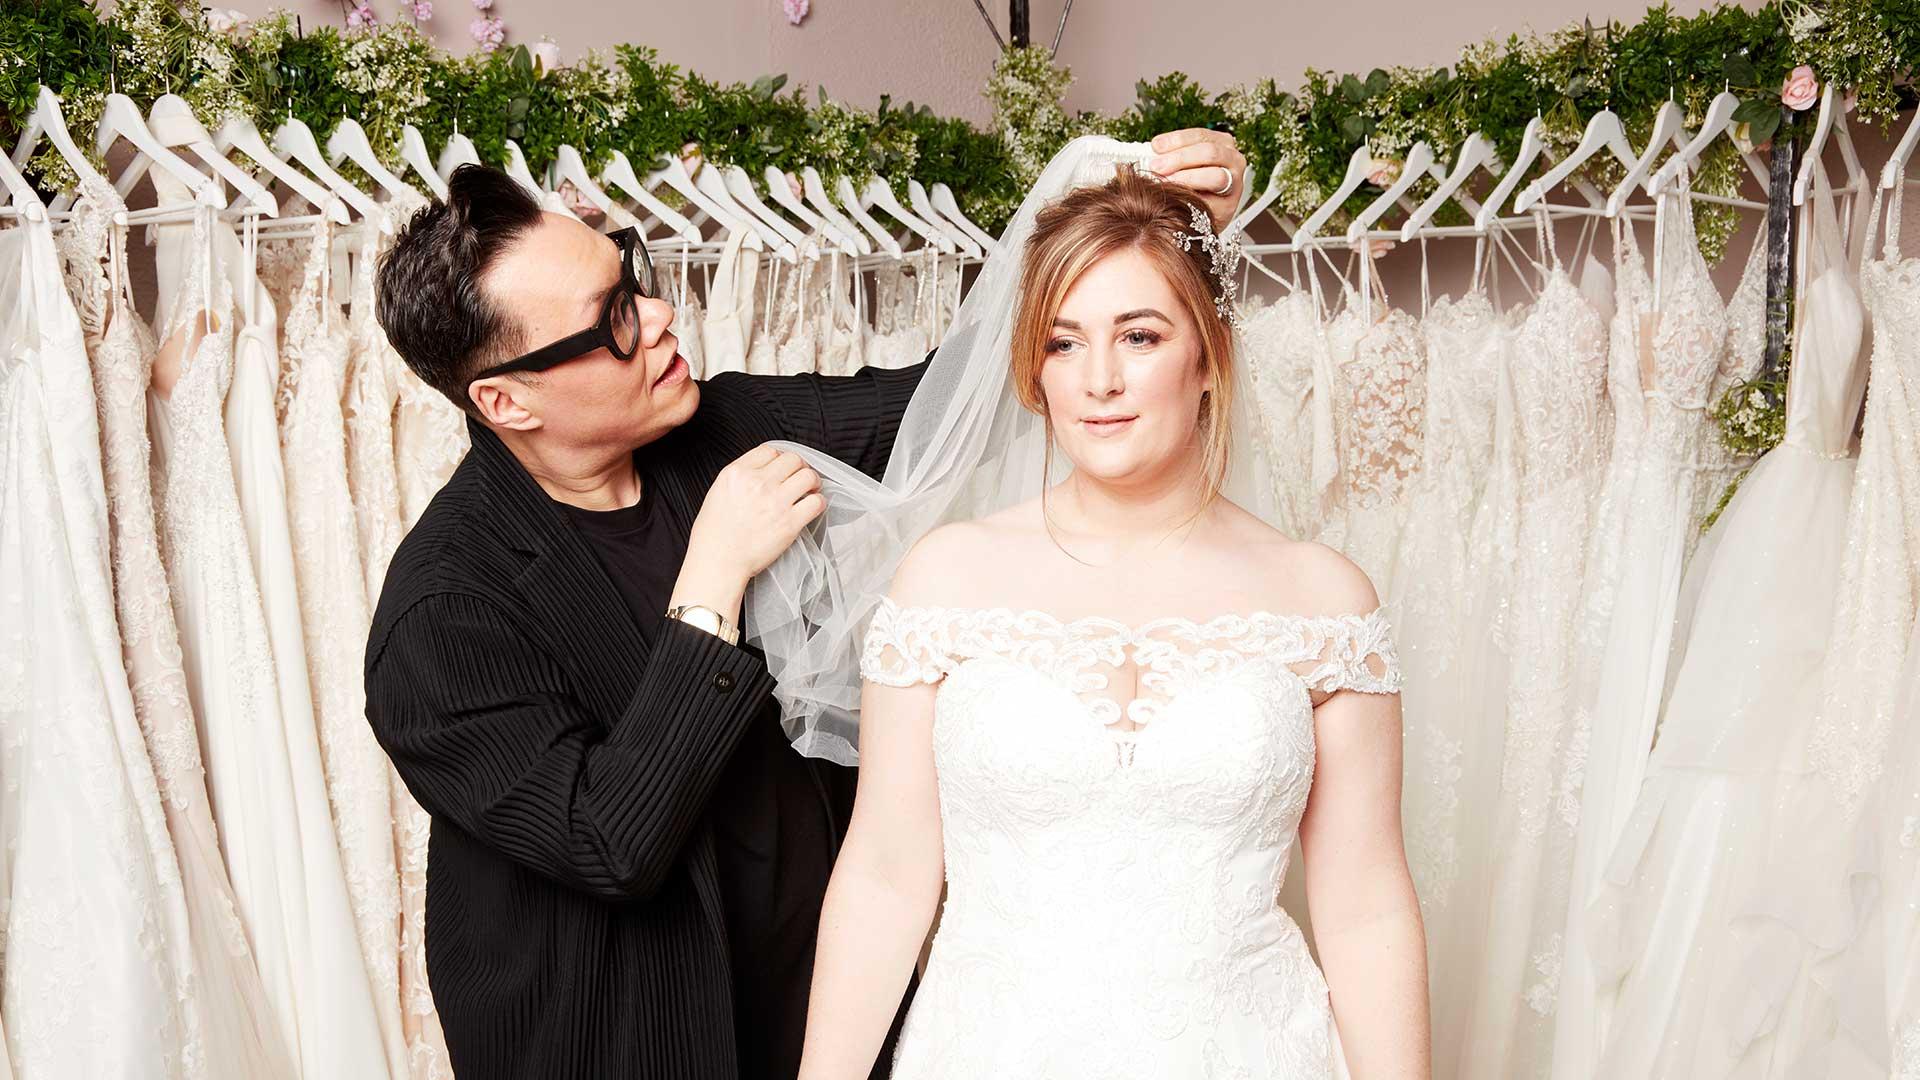 ¡Sí, quiero ese vestido! Lancashire